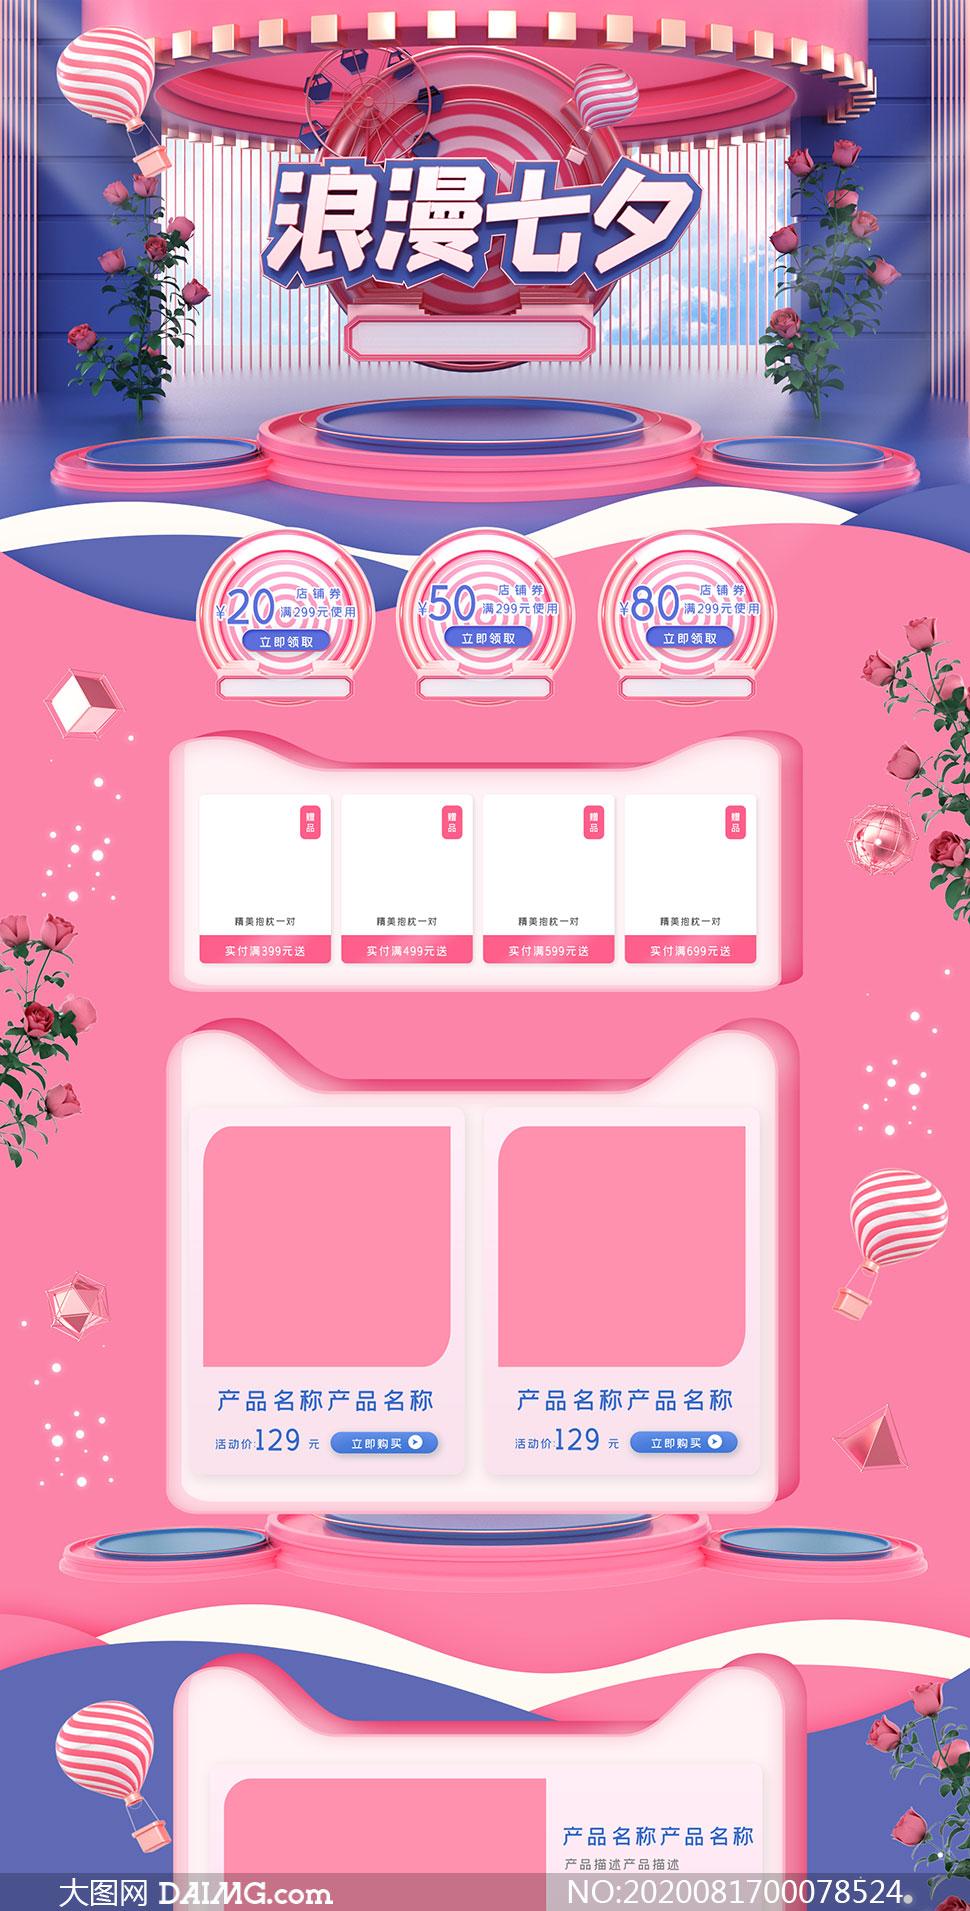 甜美七夕节粉色主题首页模板PSD素材